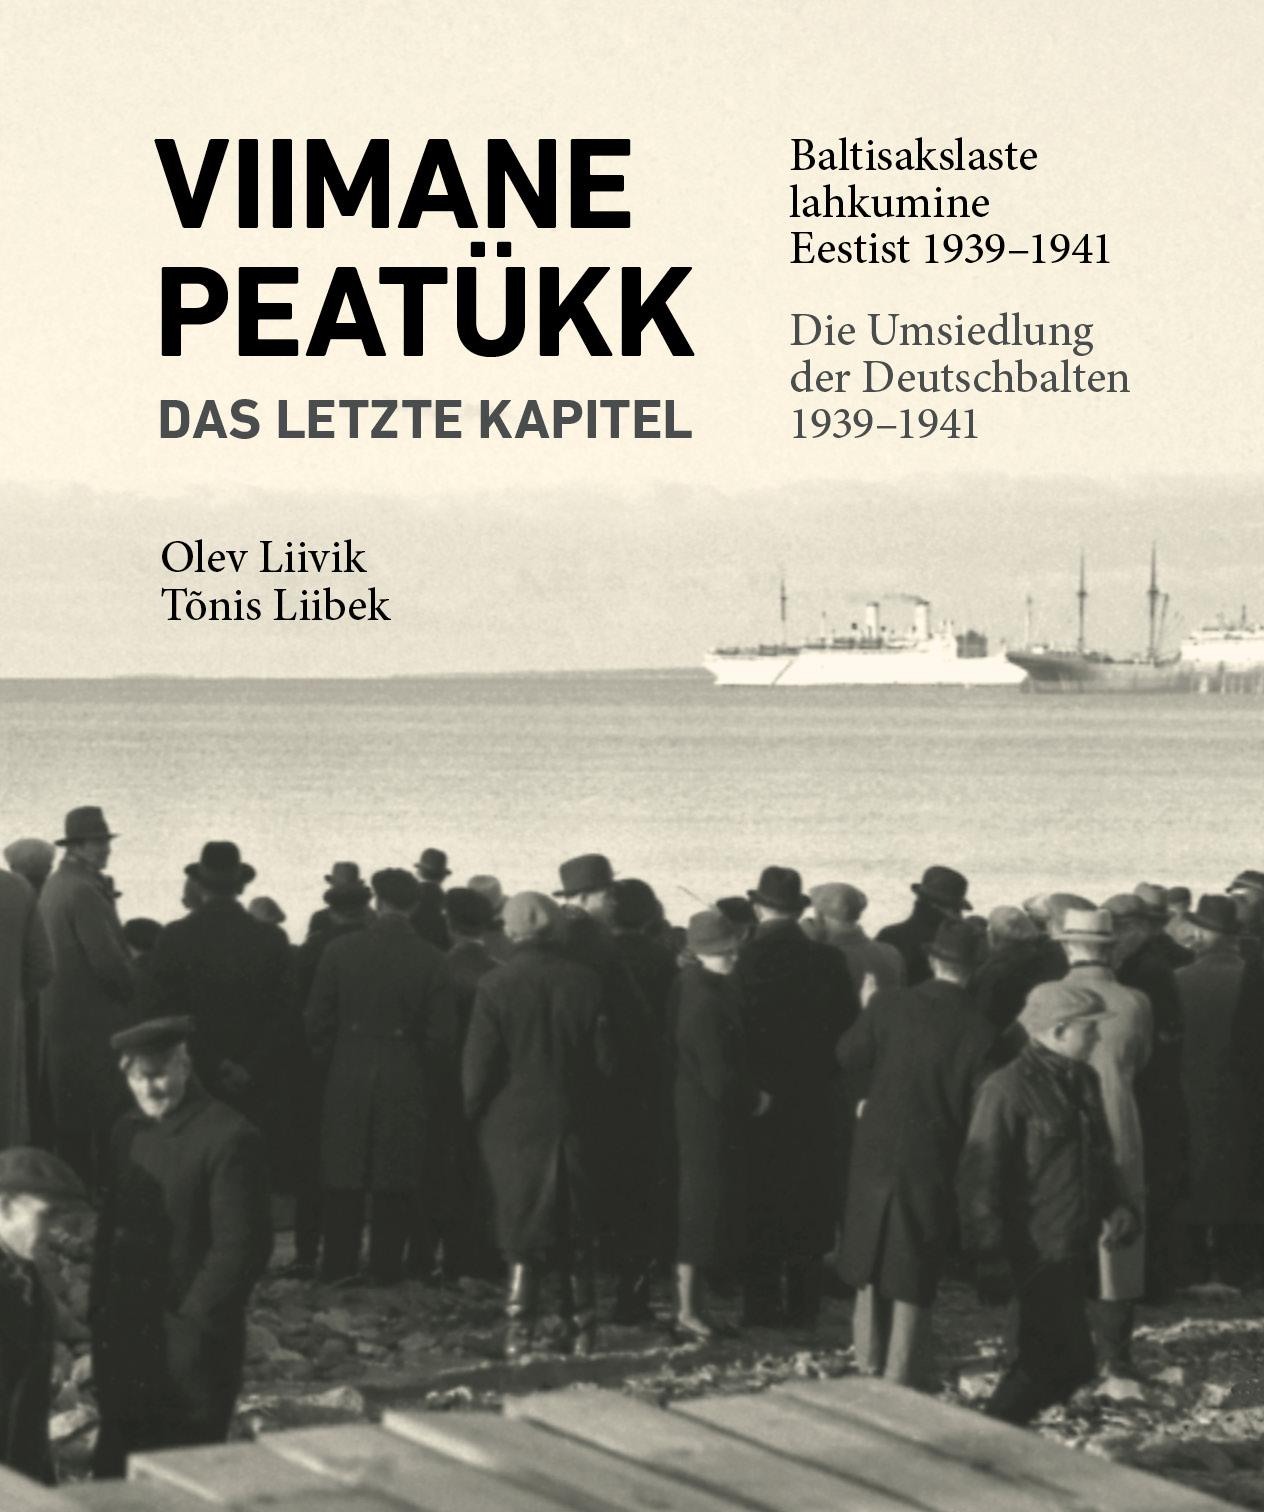 Viimane peatükk: baltisakslaste lahkumine eestist